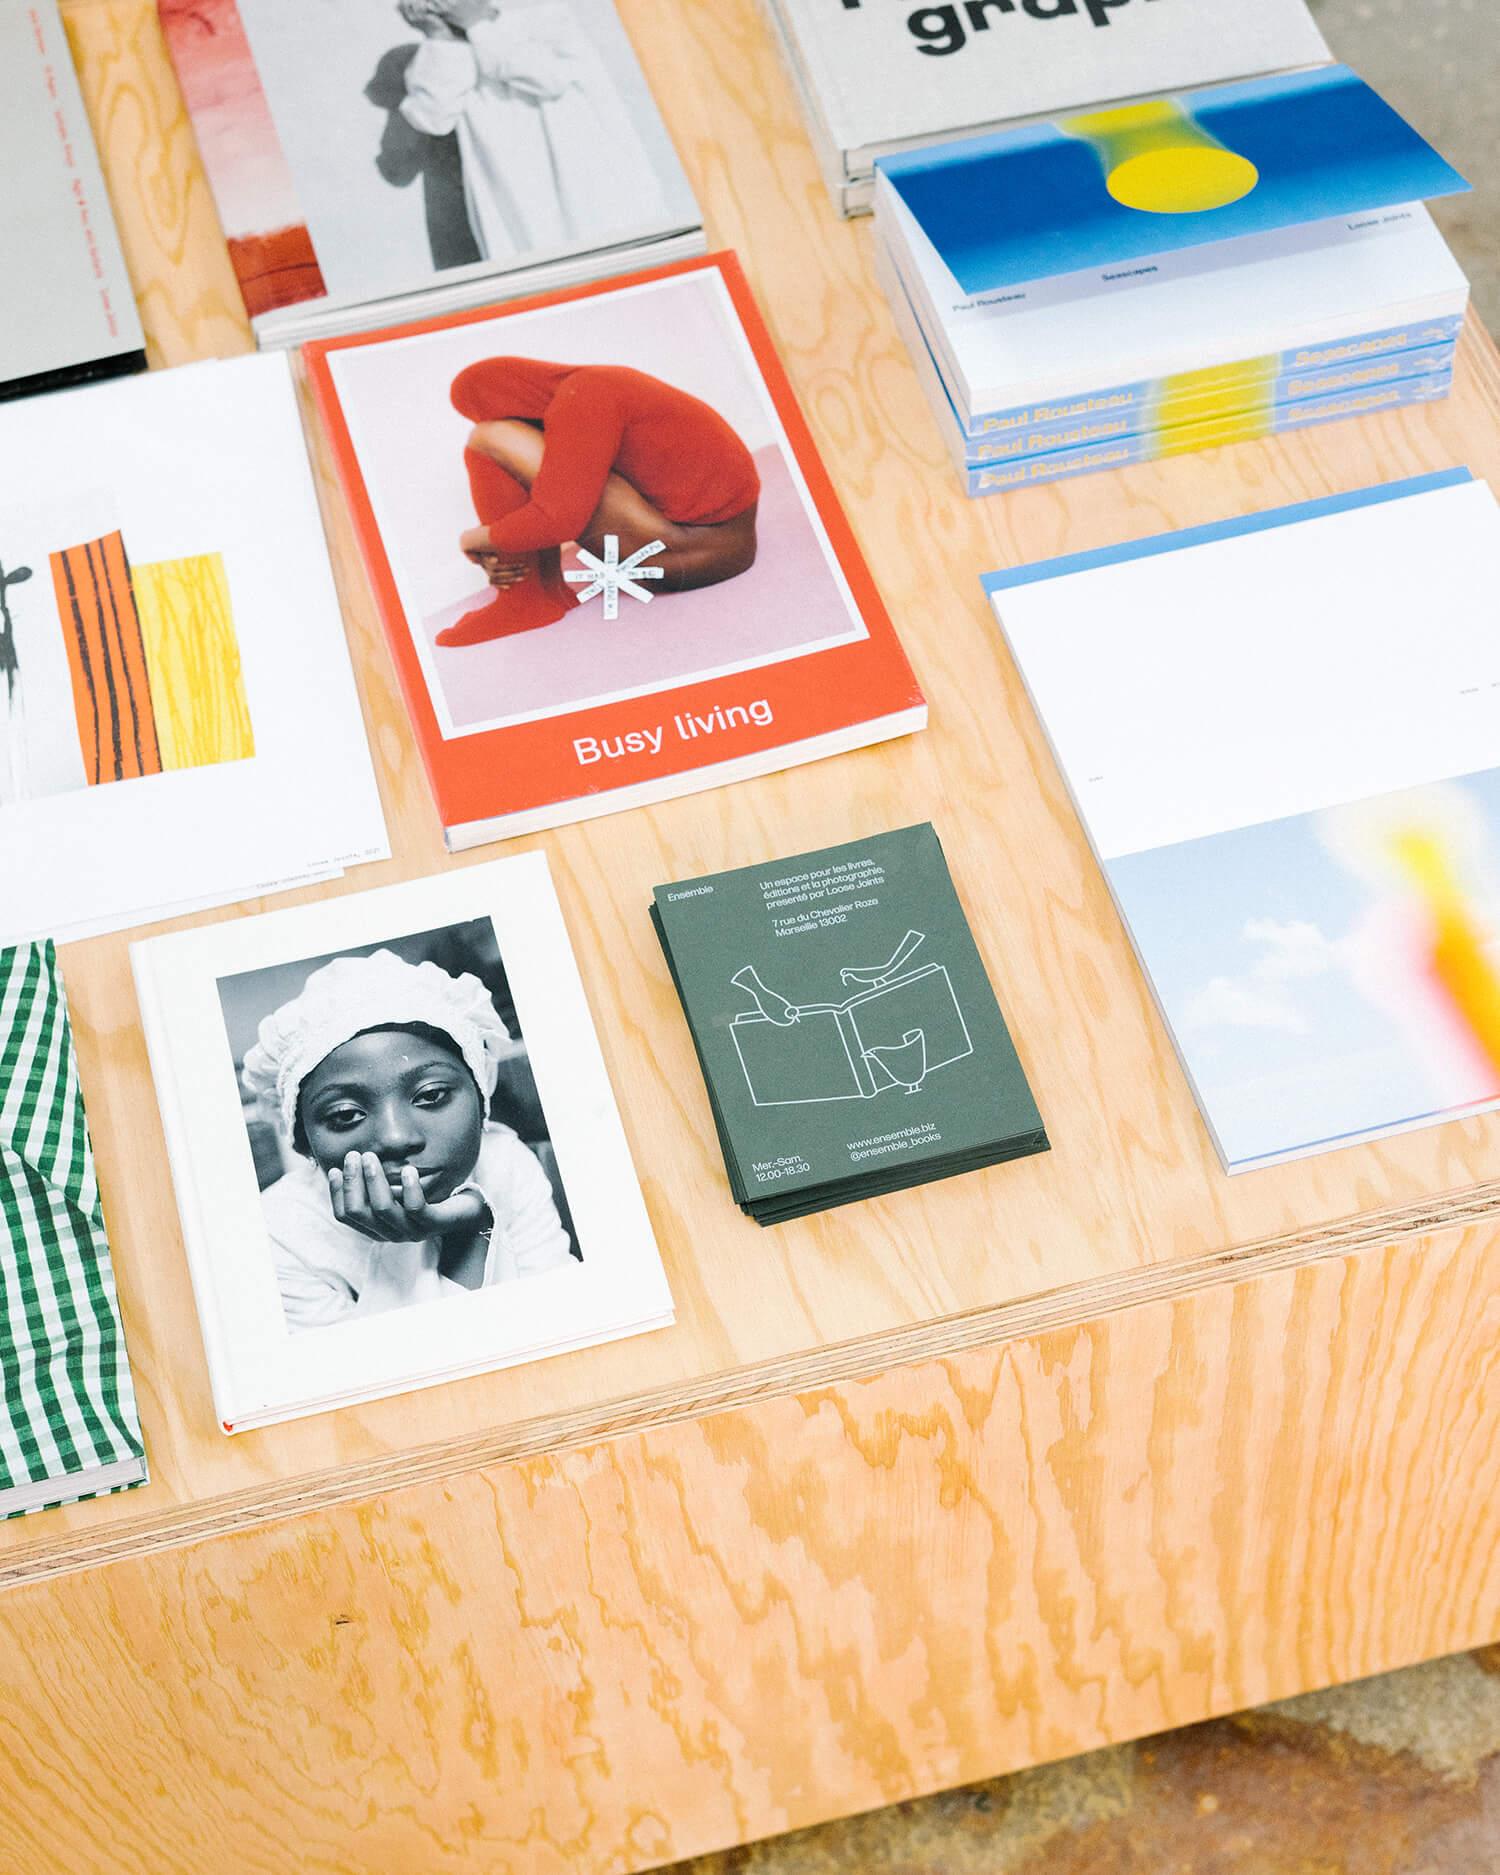 miguel-porlan-ensemble-books-marseille-7